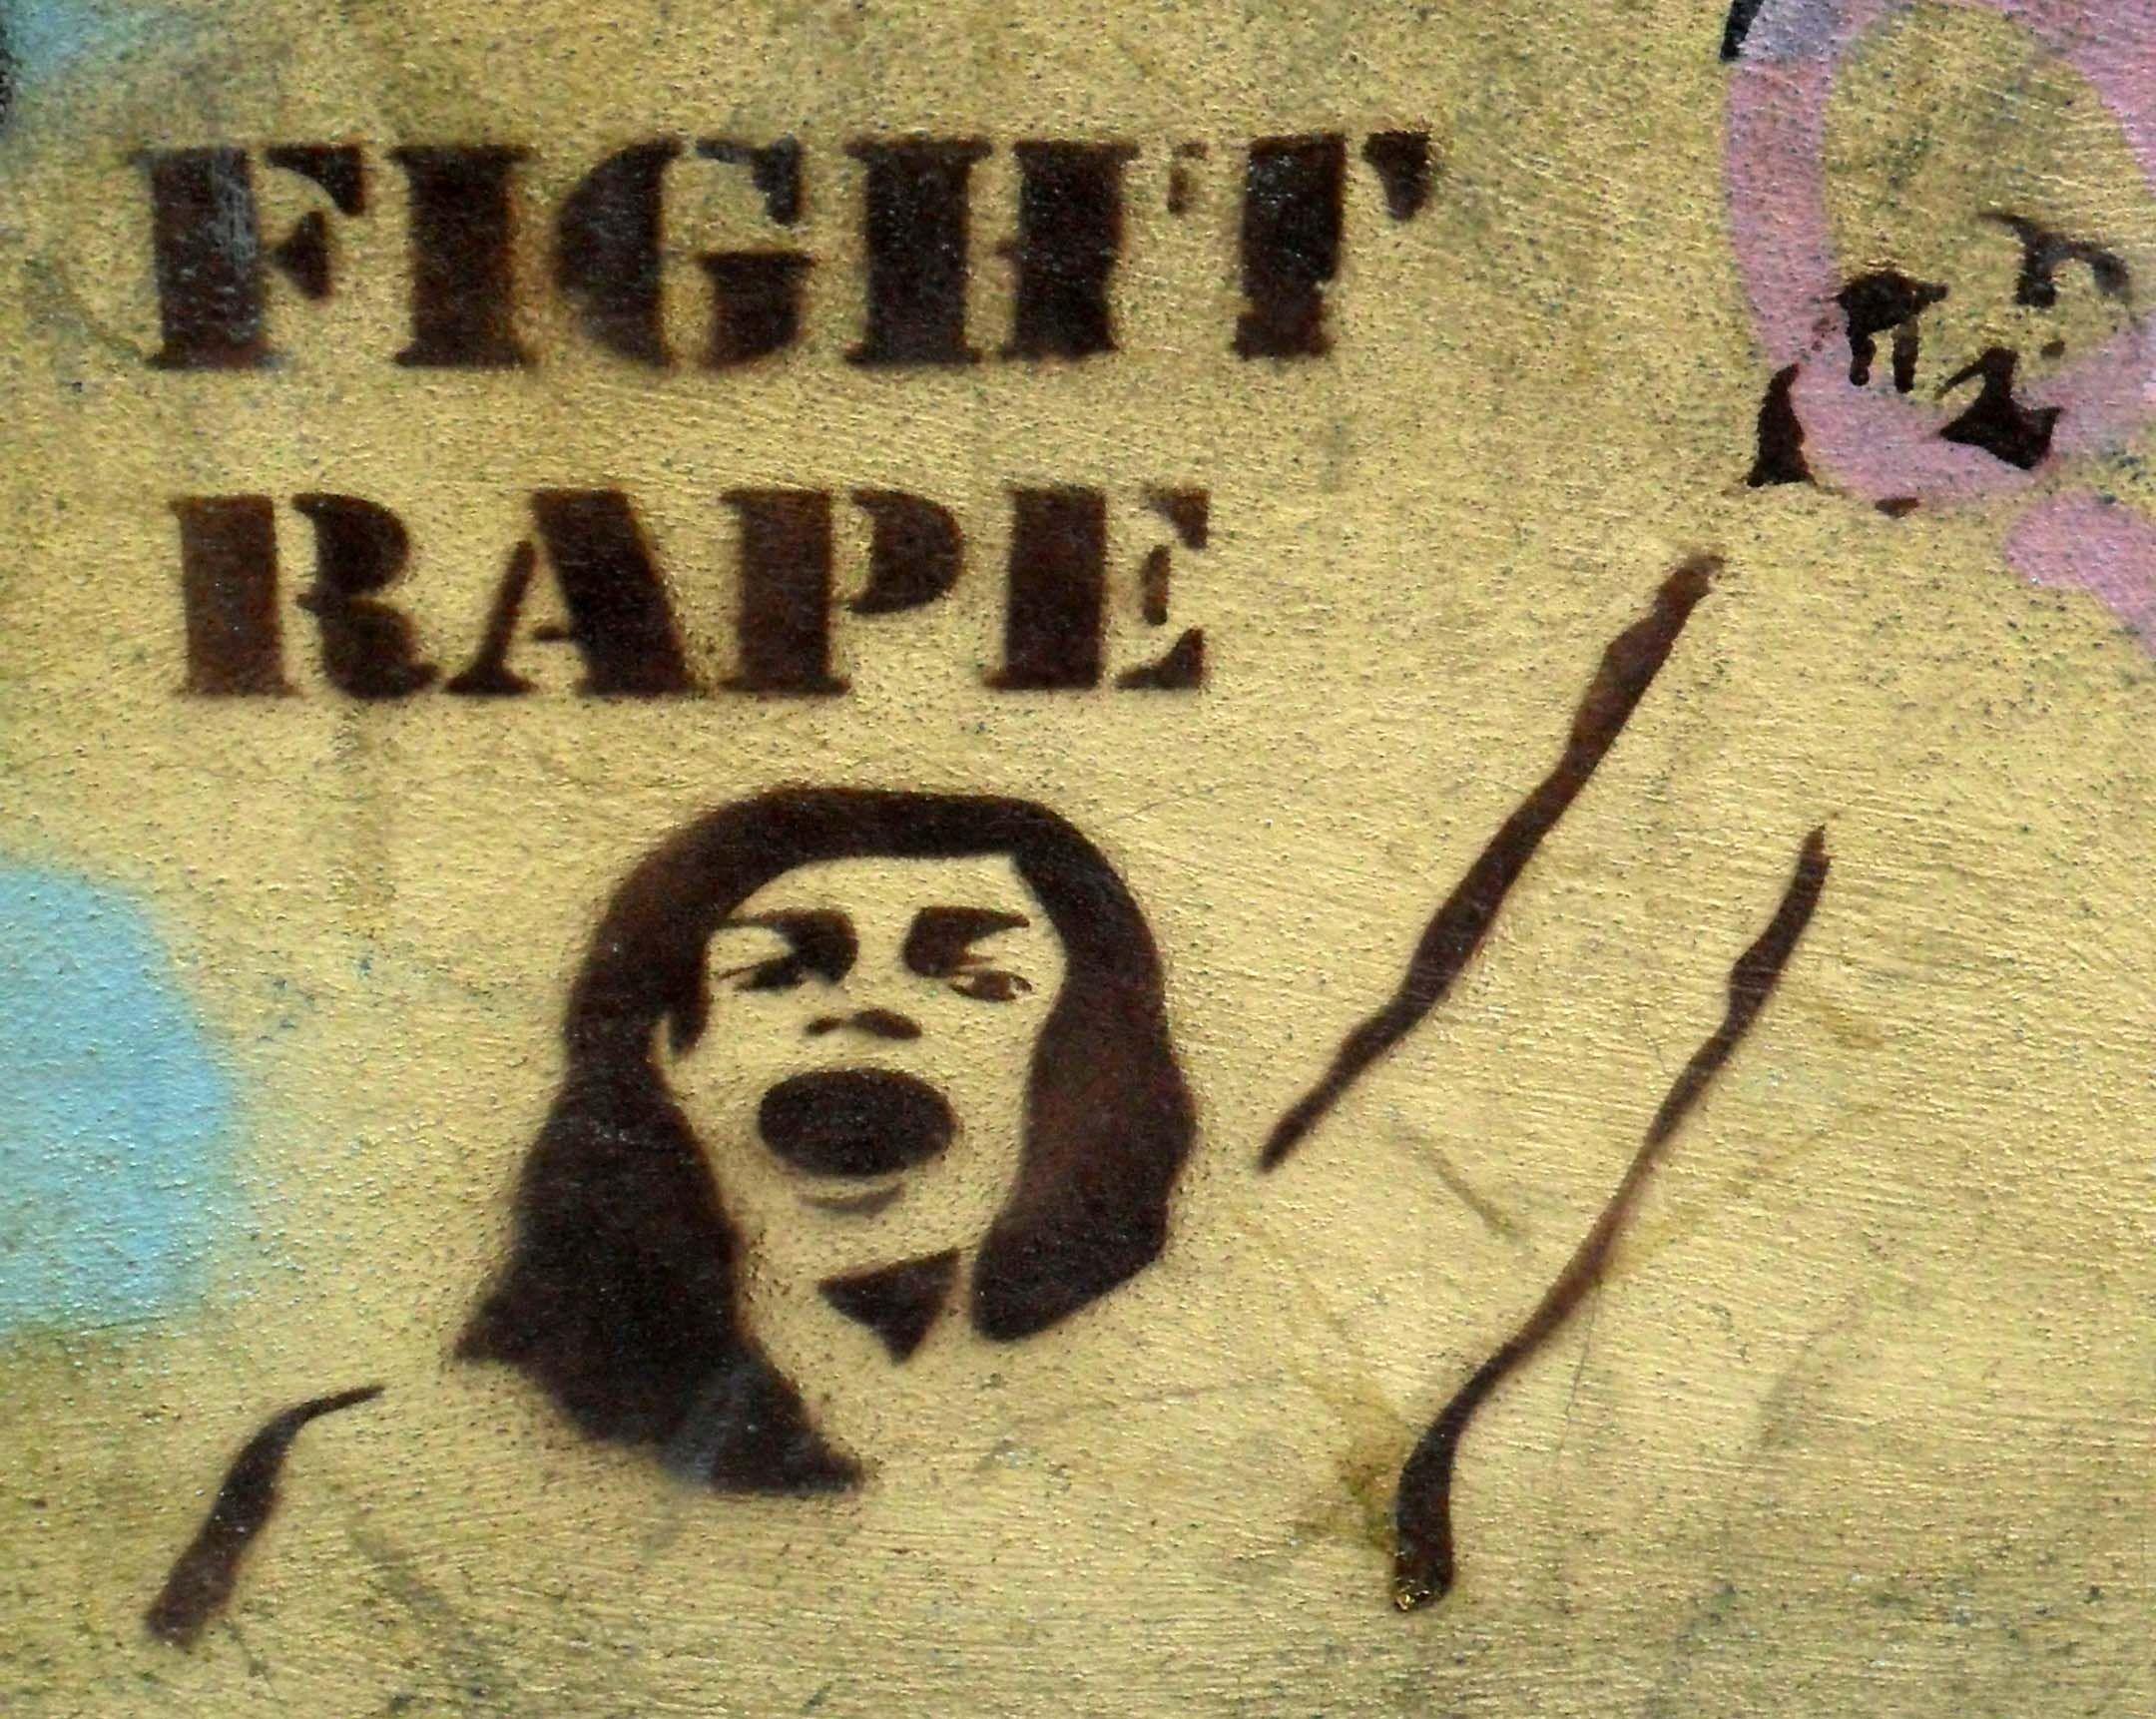 combat street art, Beirut